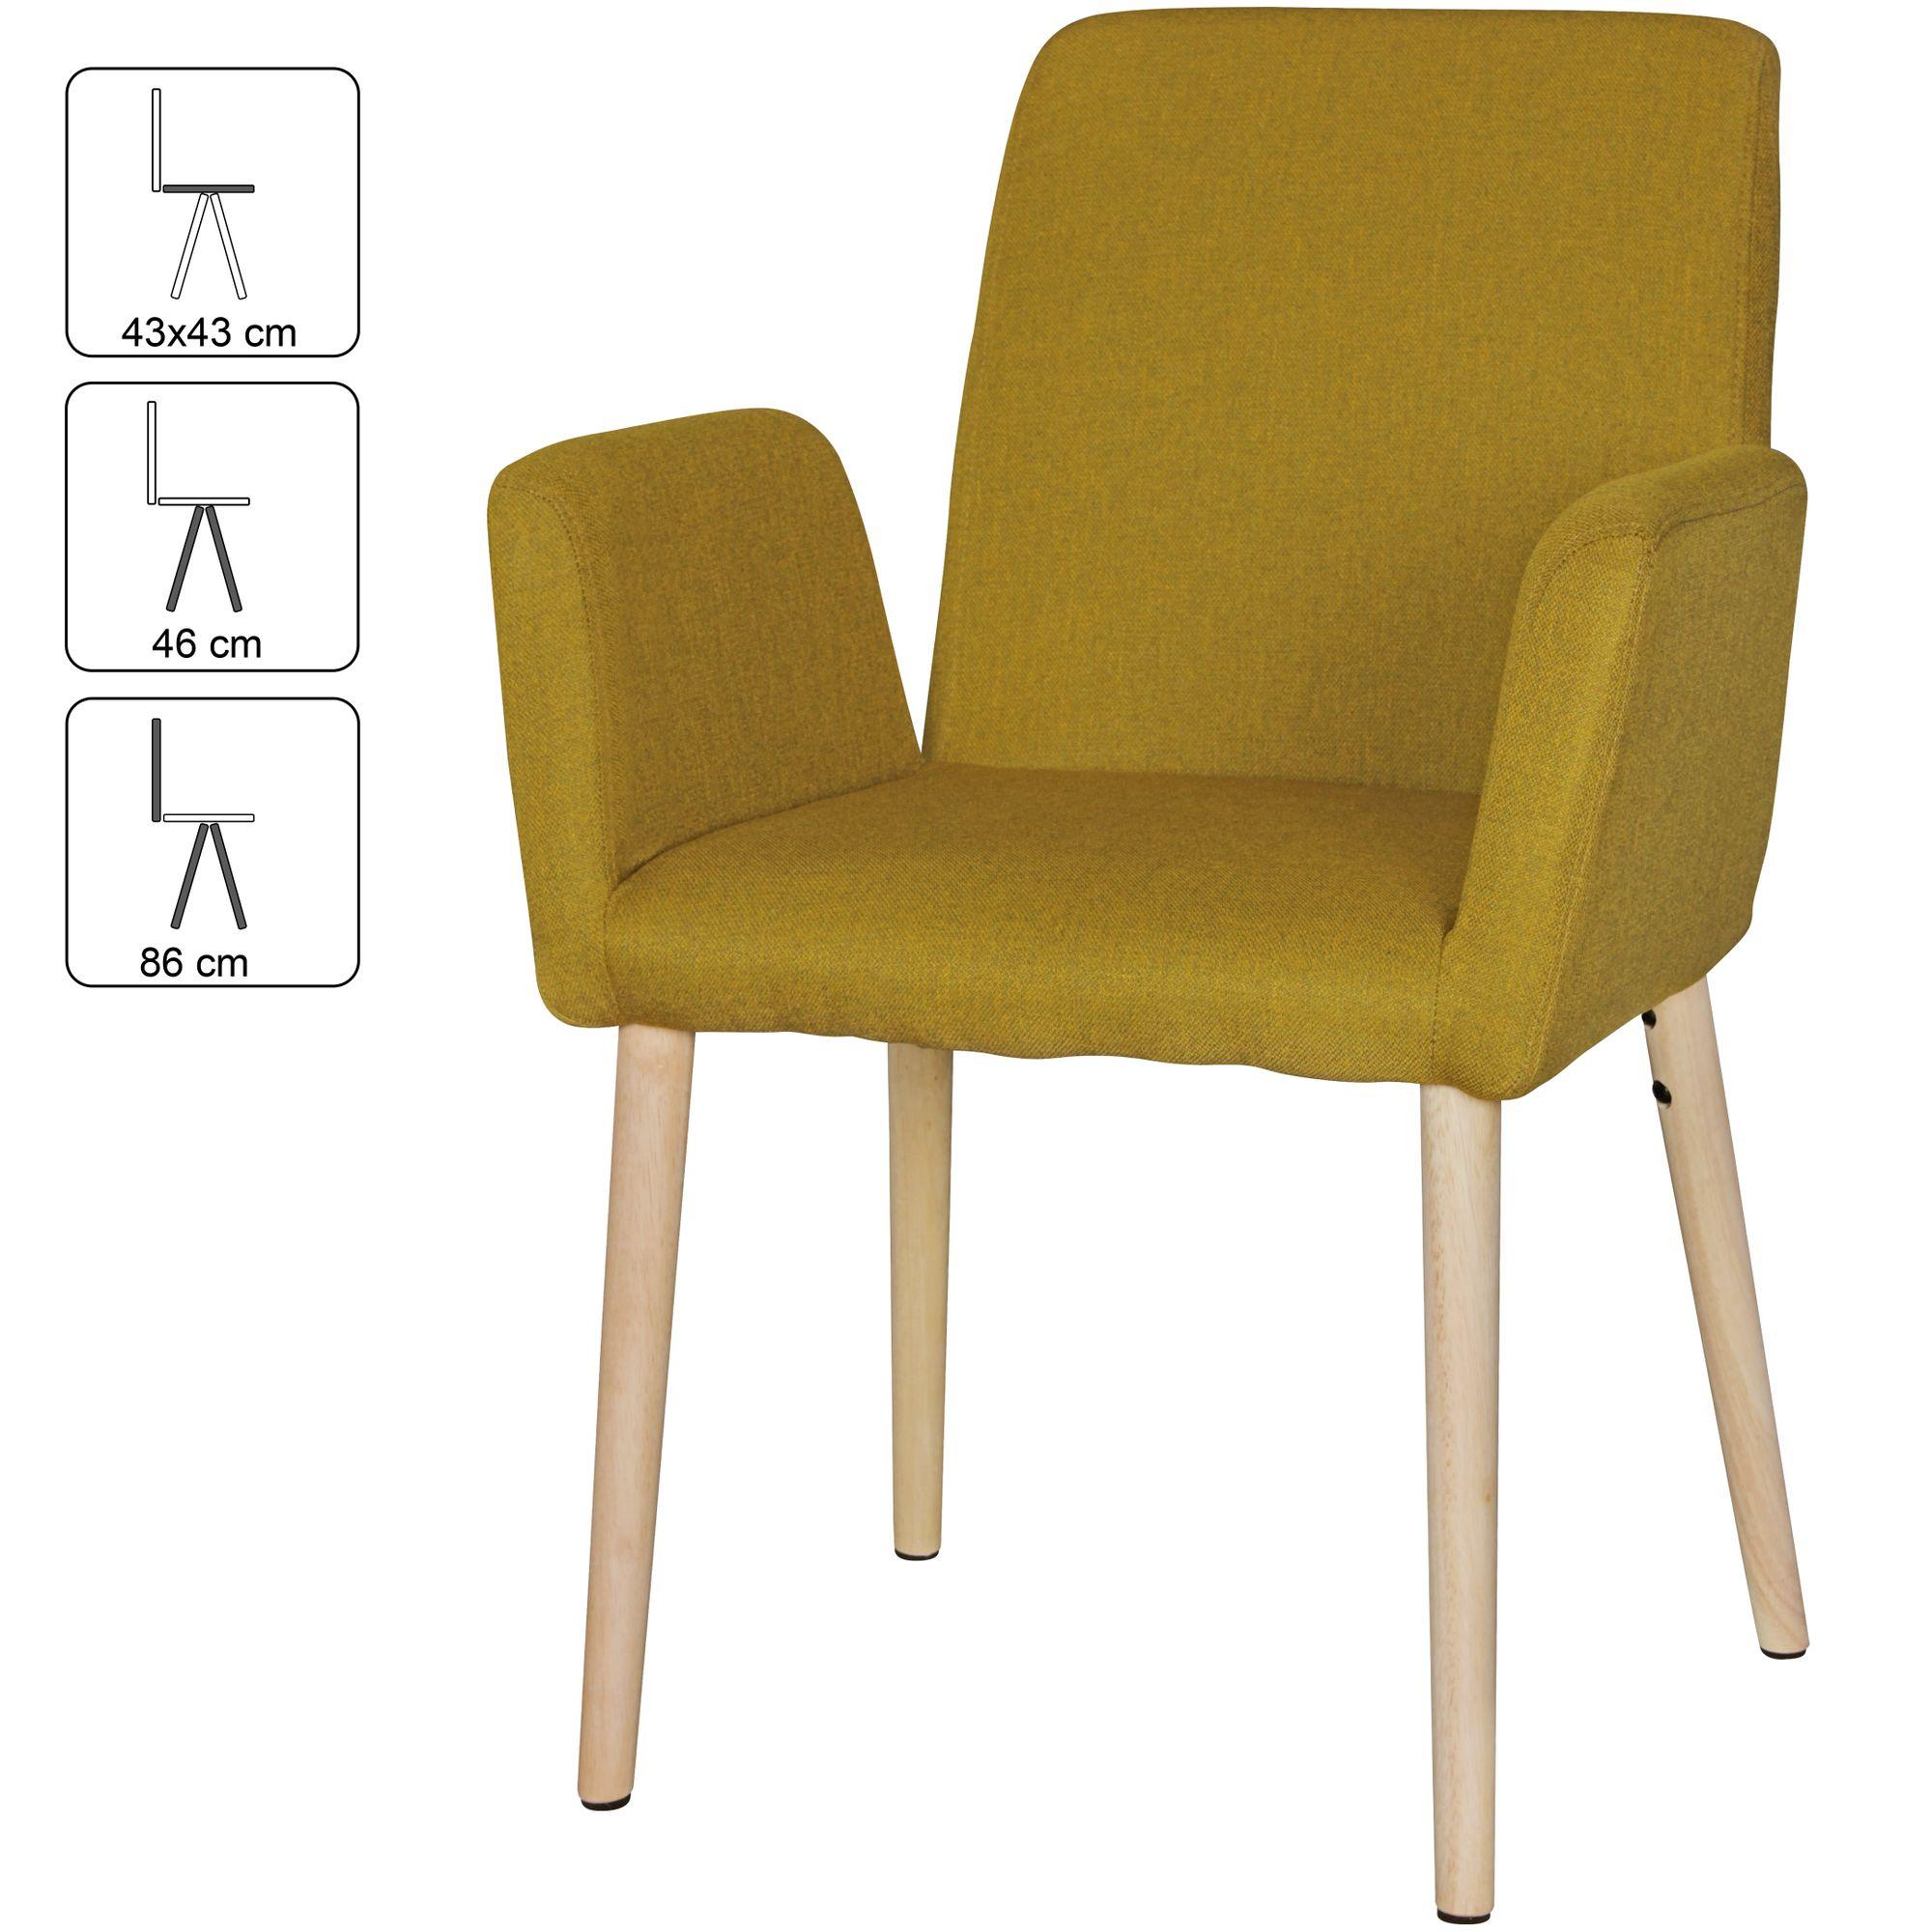 2er Set Retro Esszimmerstühle BEST Stoff Küchenstuhl Armlehnen Stuhl Holz  Beine